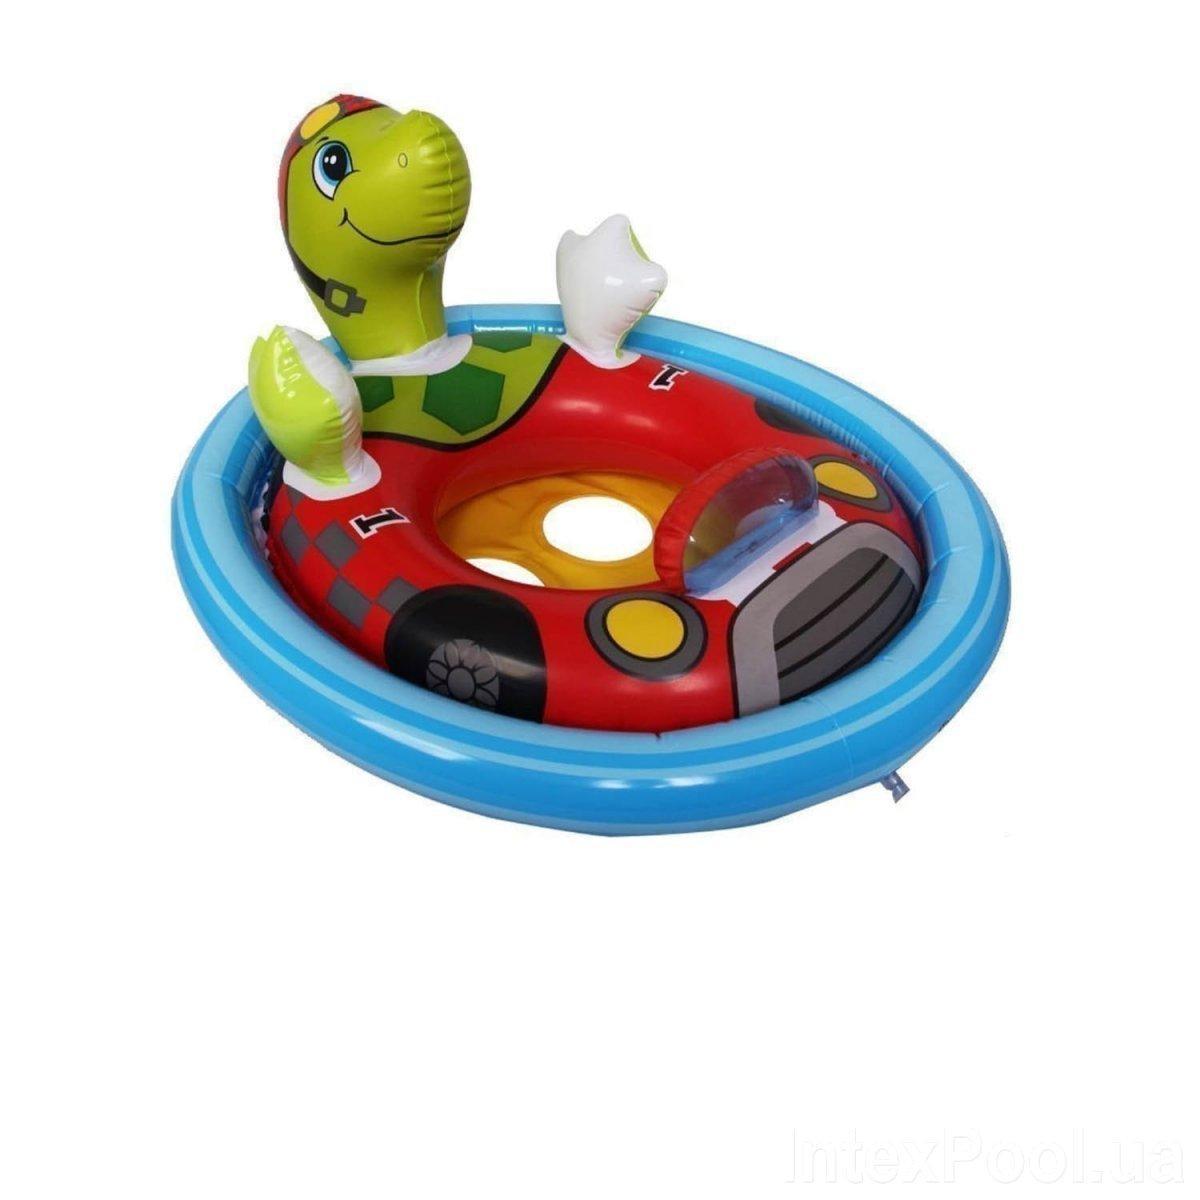 Детский надувной плавательный круг для плавания детей с ножками игрушка Черепаха Intex 59570 76х58см